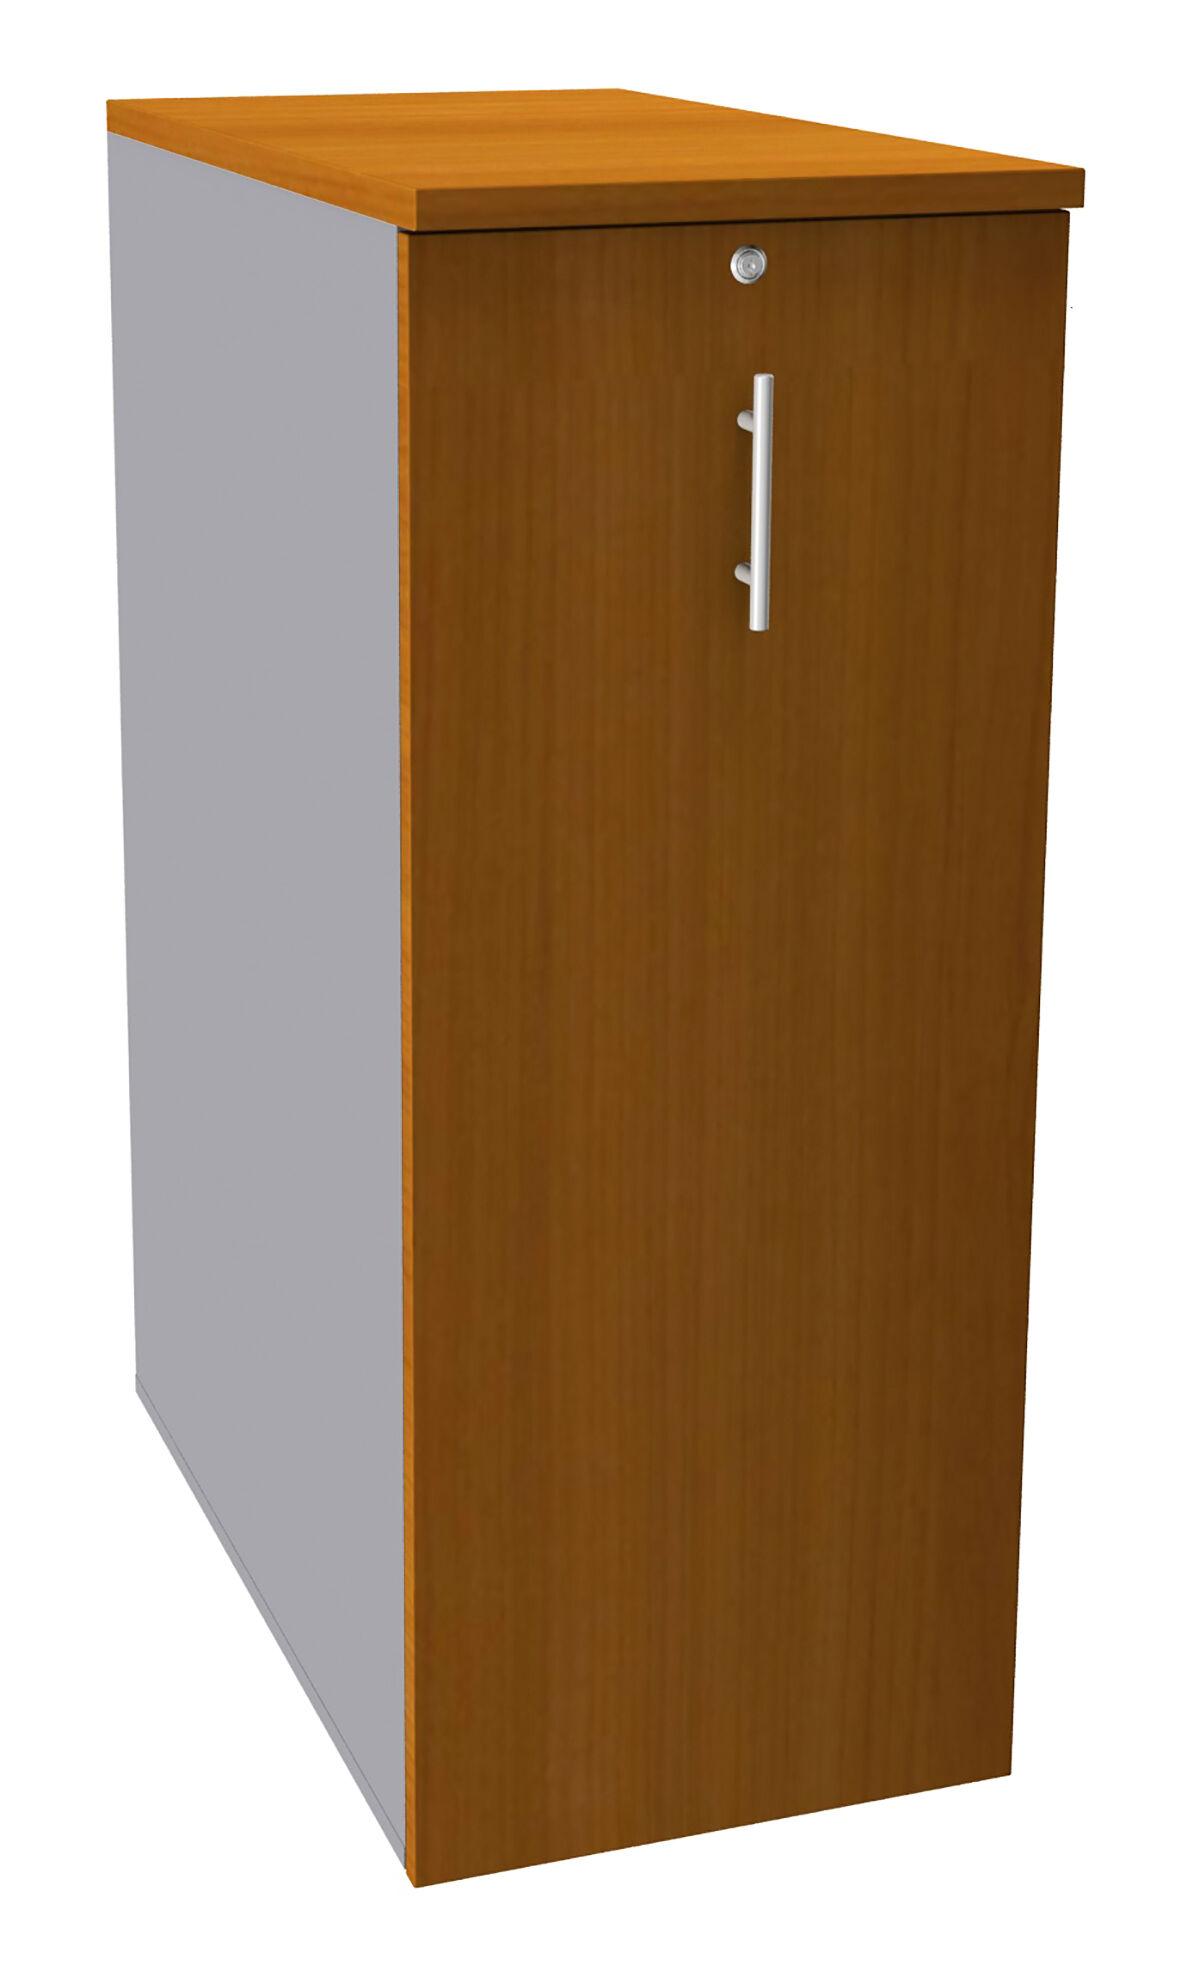 Caisson TOWER - L44 x H114 x P80 cm - 3 tablettes + 1 support DS réglable - structure alu - dessus et façade imitation merisier